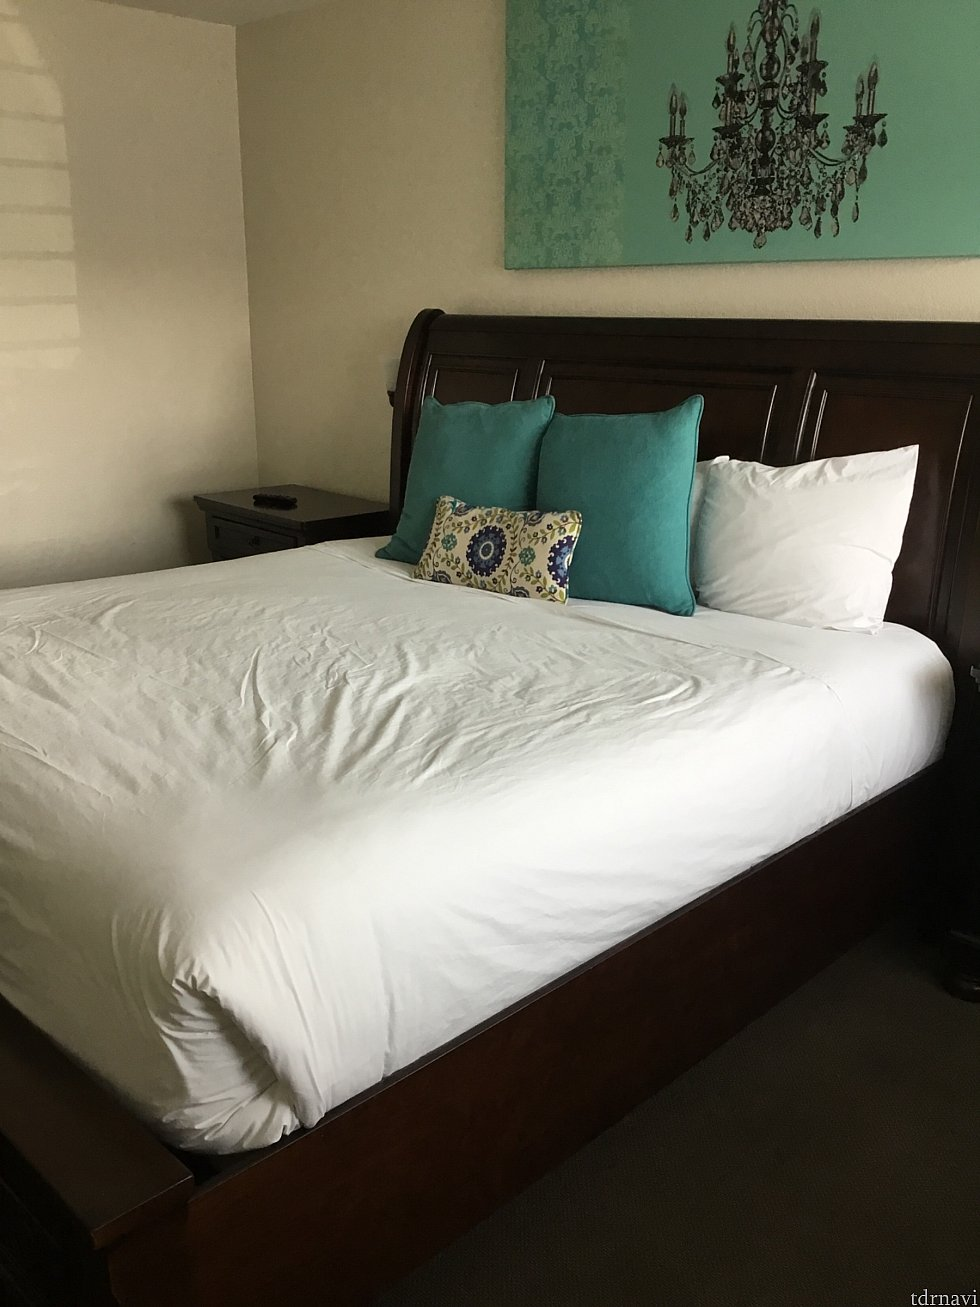 お一人様キングサイズのベッドのお部屋をチョイス めっちゃ高くて乗る時よいしょと声が出ました(笑)